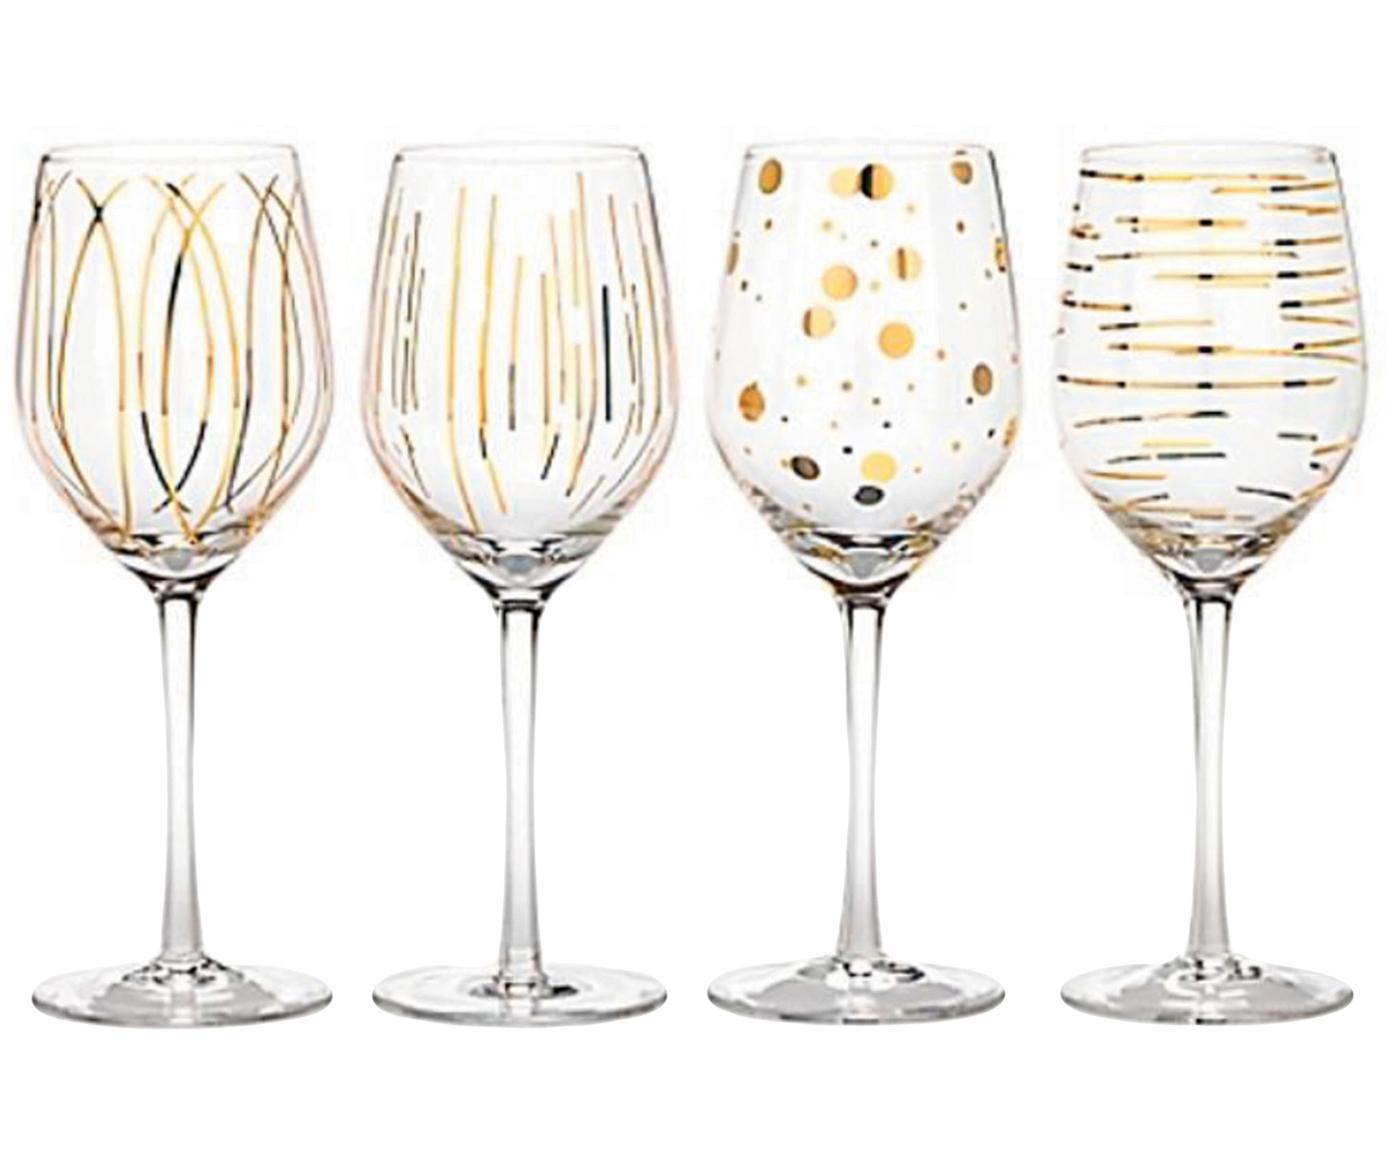 Witte wijnglazen Mikasa Cheers met goudkleurige decoratie, 4-delig, Glas, Transparant, goudkleurig, Ø 9 x H 25 cm